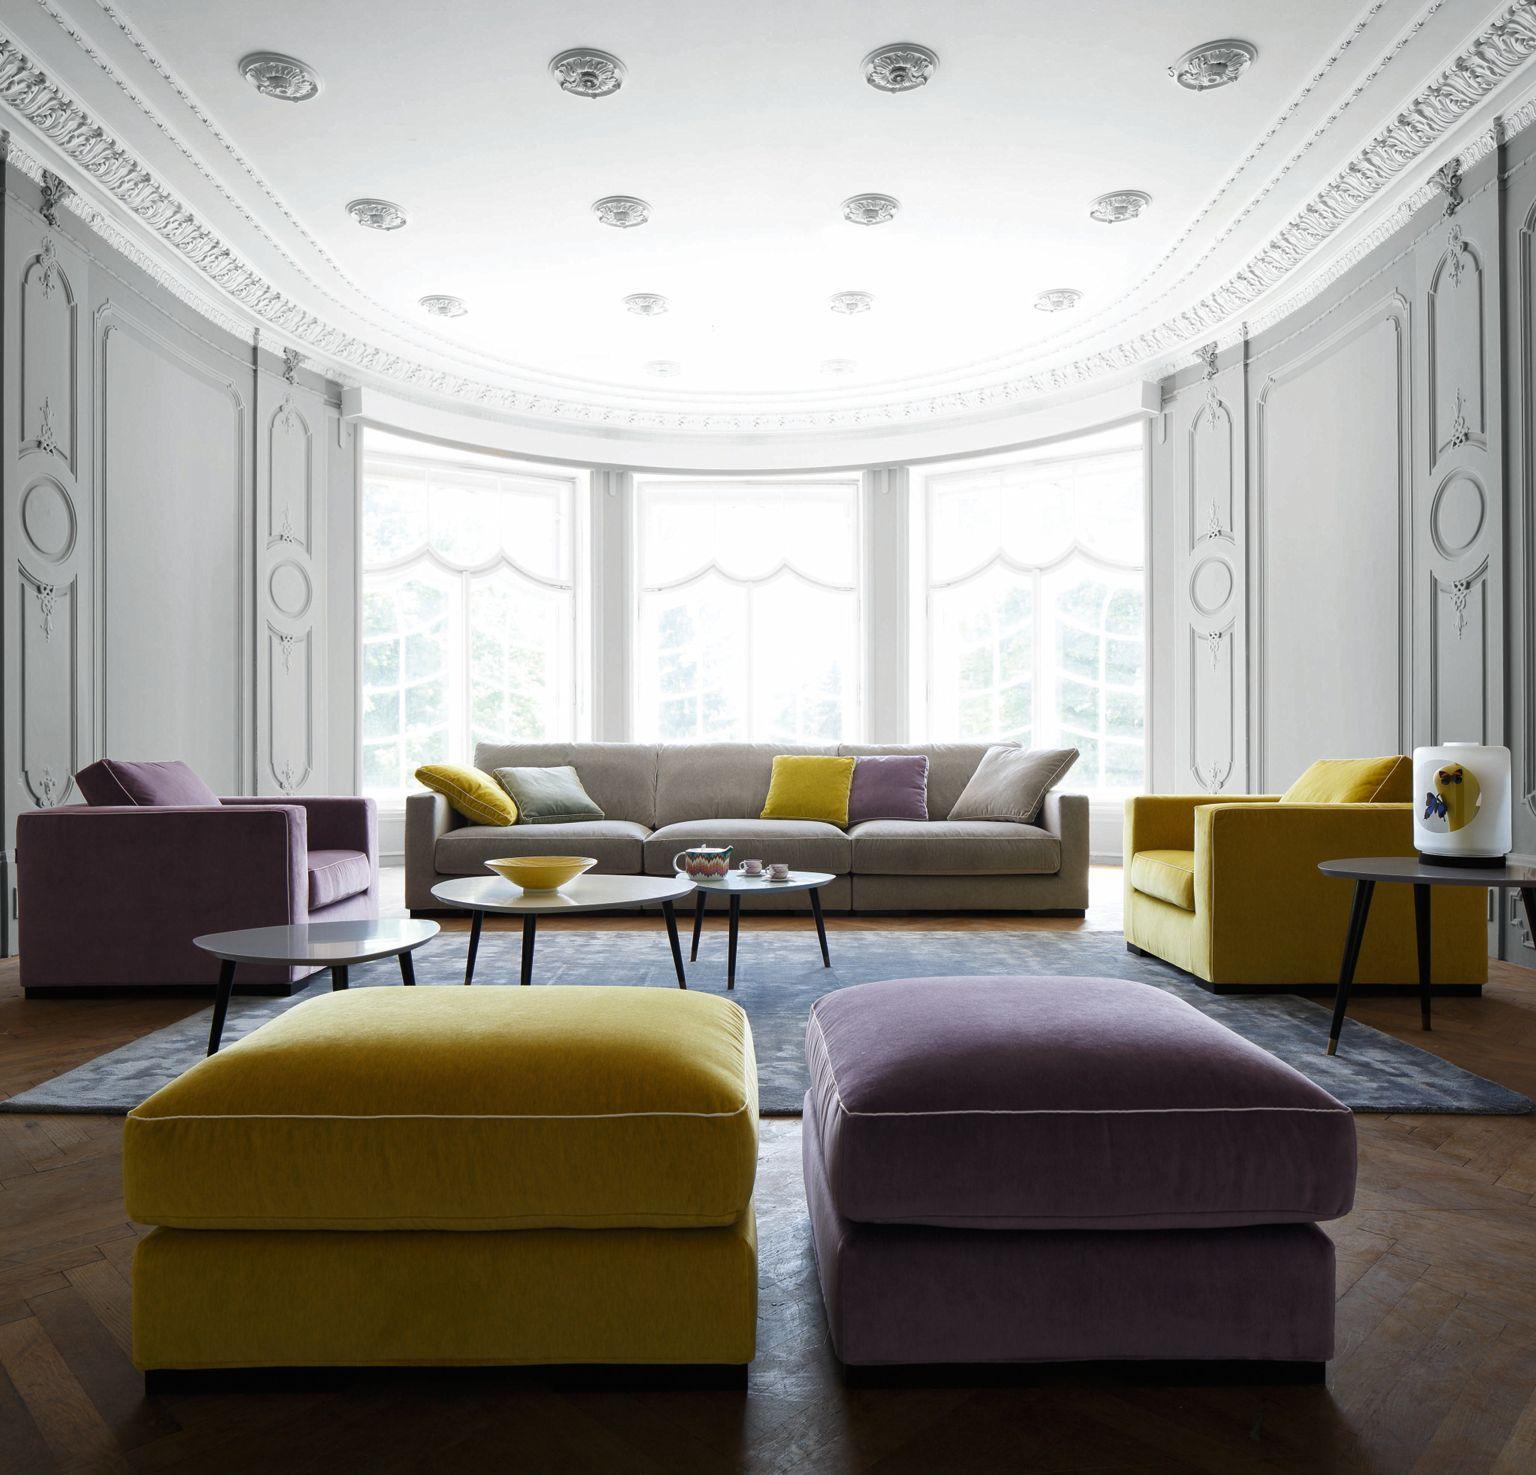 Roche bobois d coration meubles canap s design deco - Fauteuil original salon ...